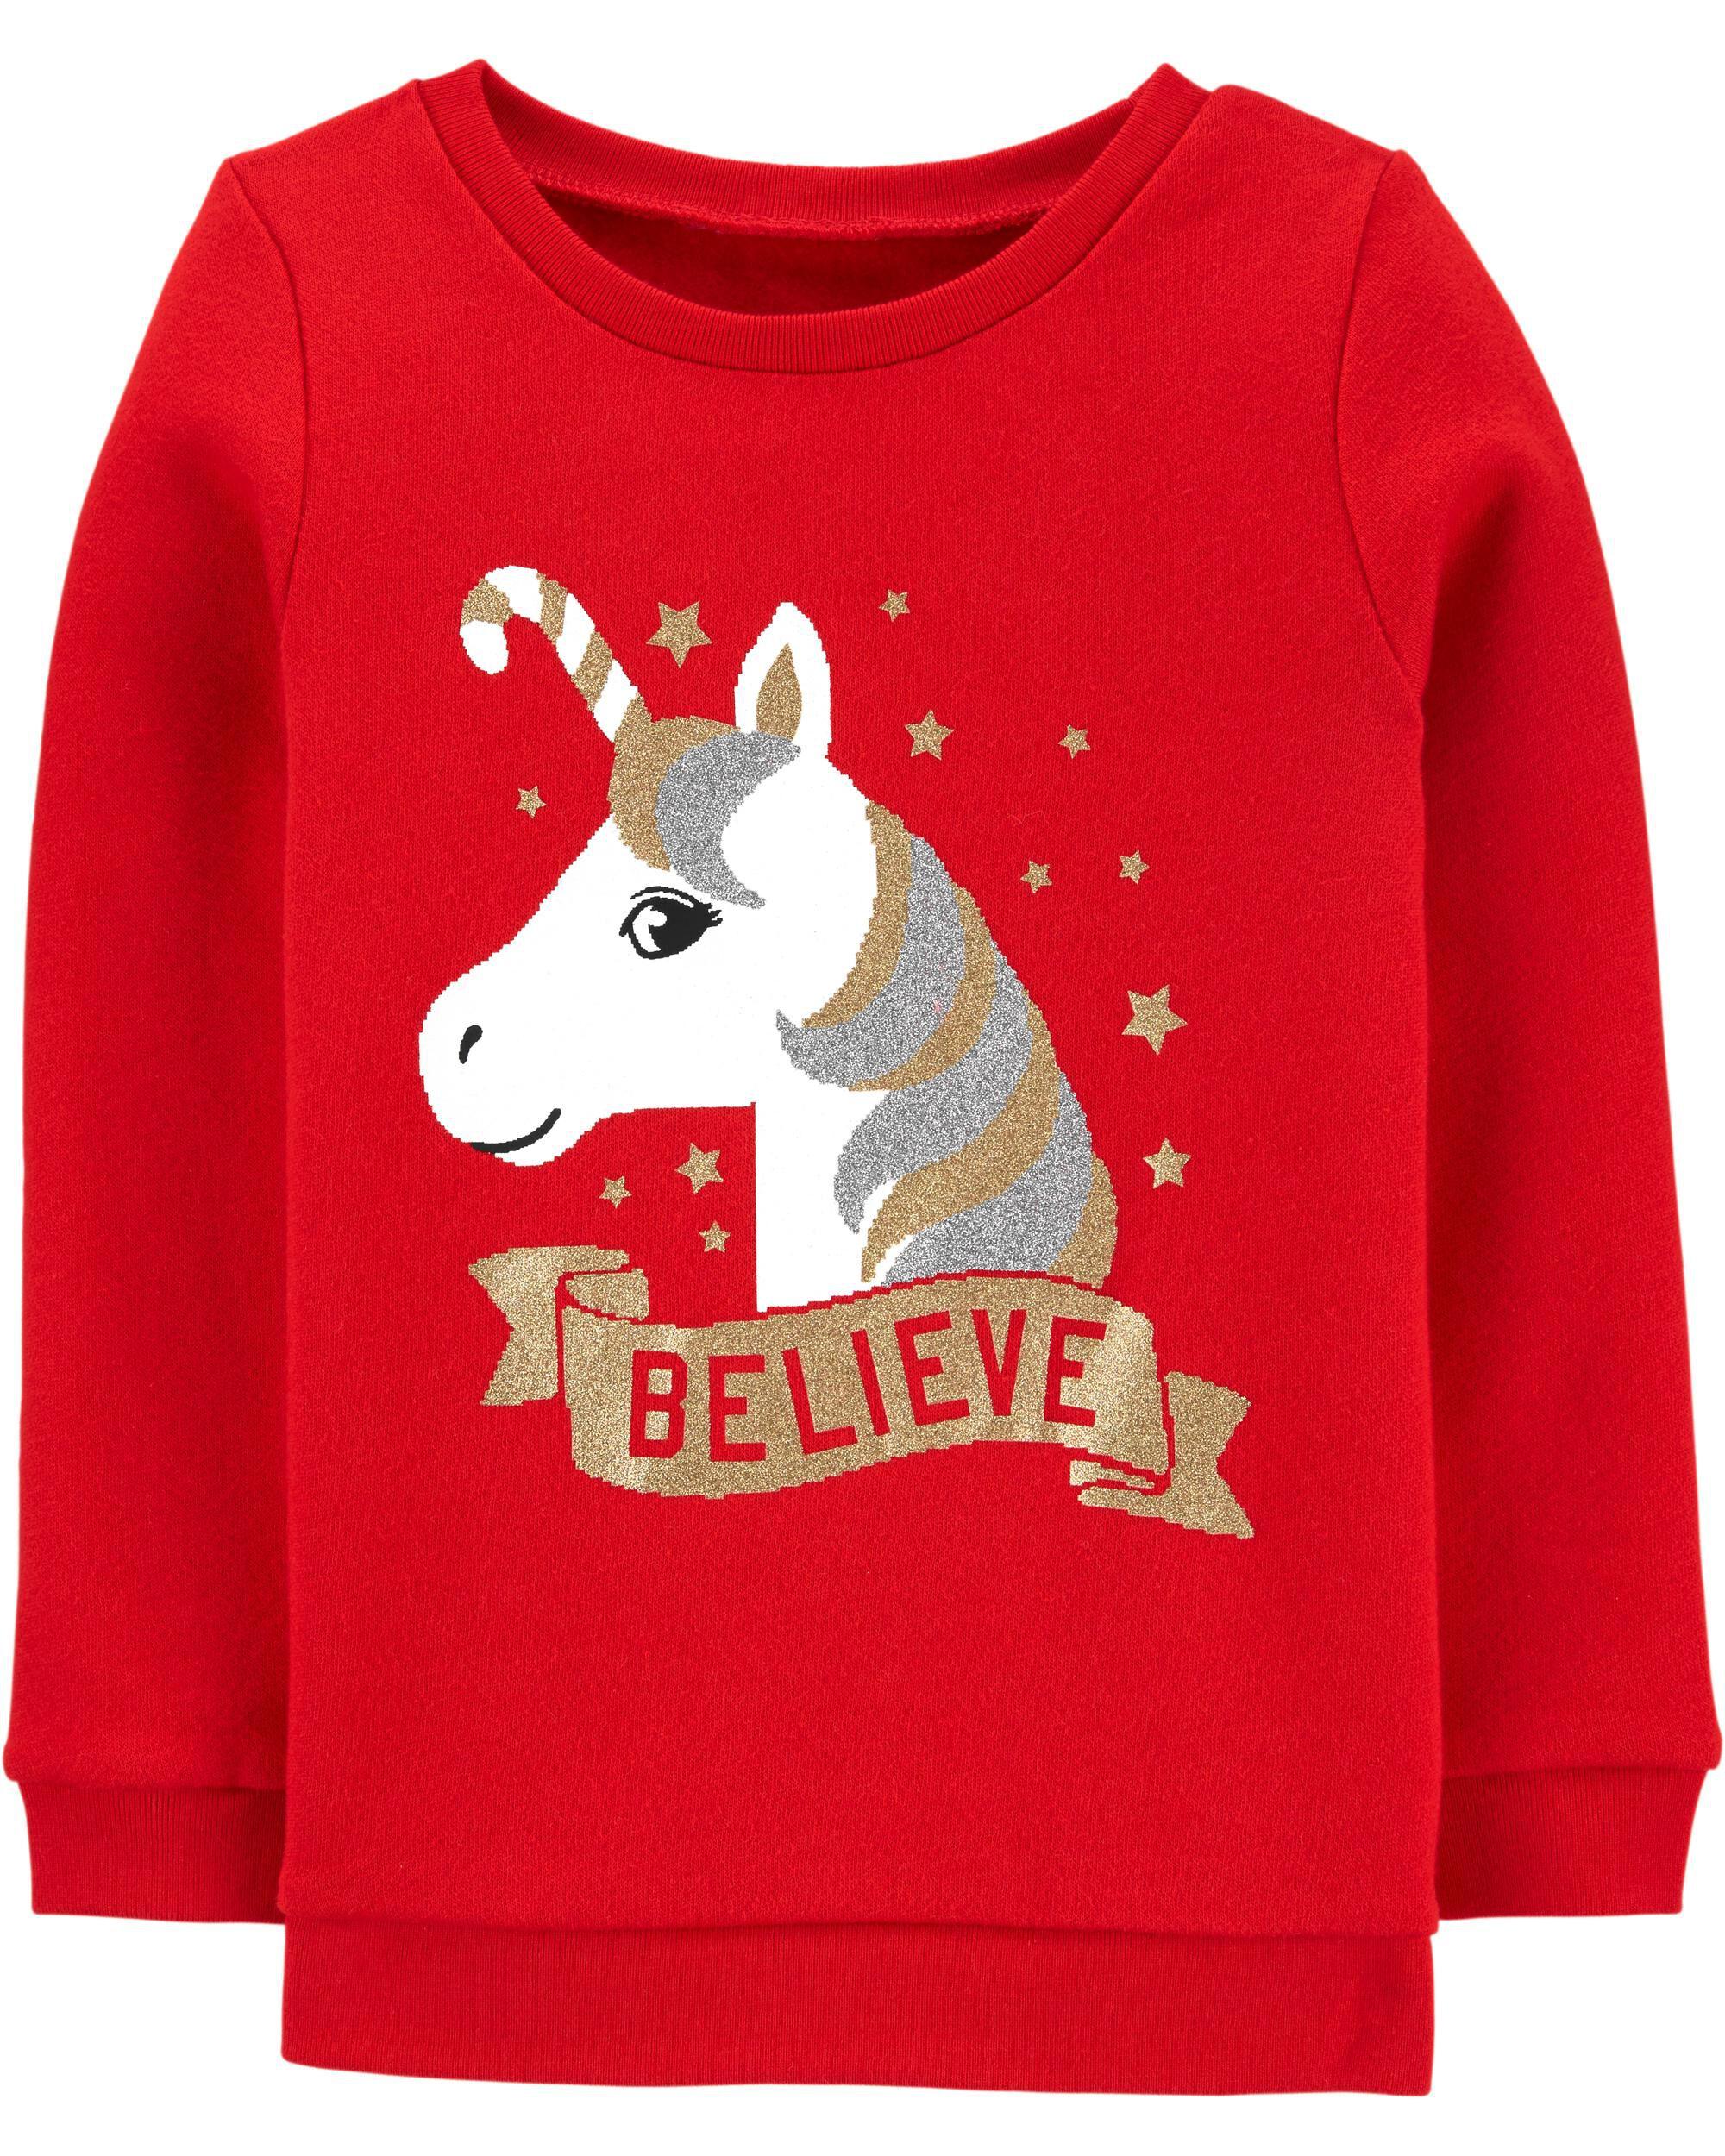 *CLEARANCE* Unicorn Christmas Crew Neck Sweatshirt